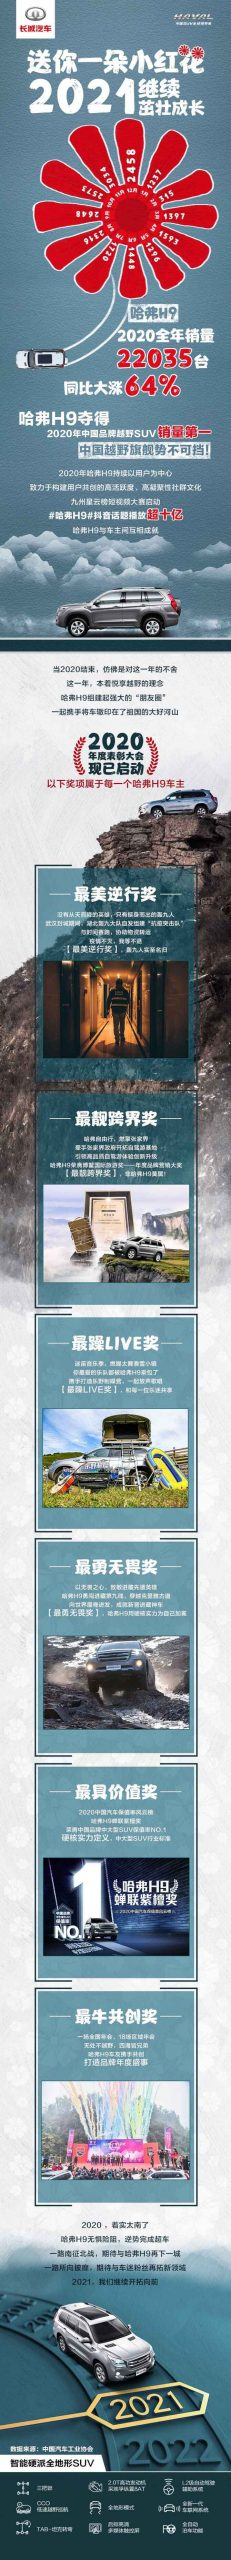 #9给野心留片天地 哈弗H9 2020年中国品牌越野SUV销量第一